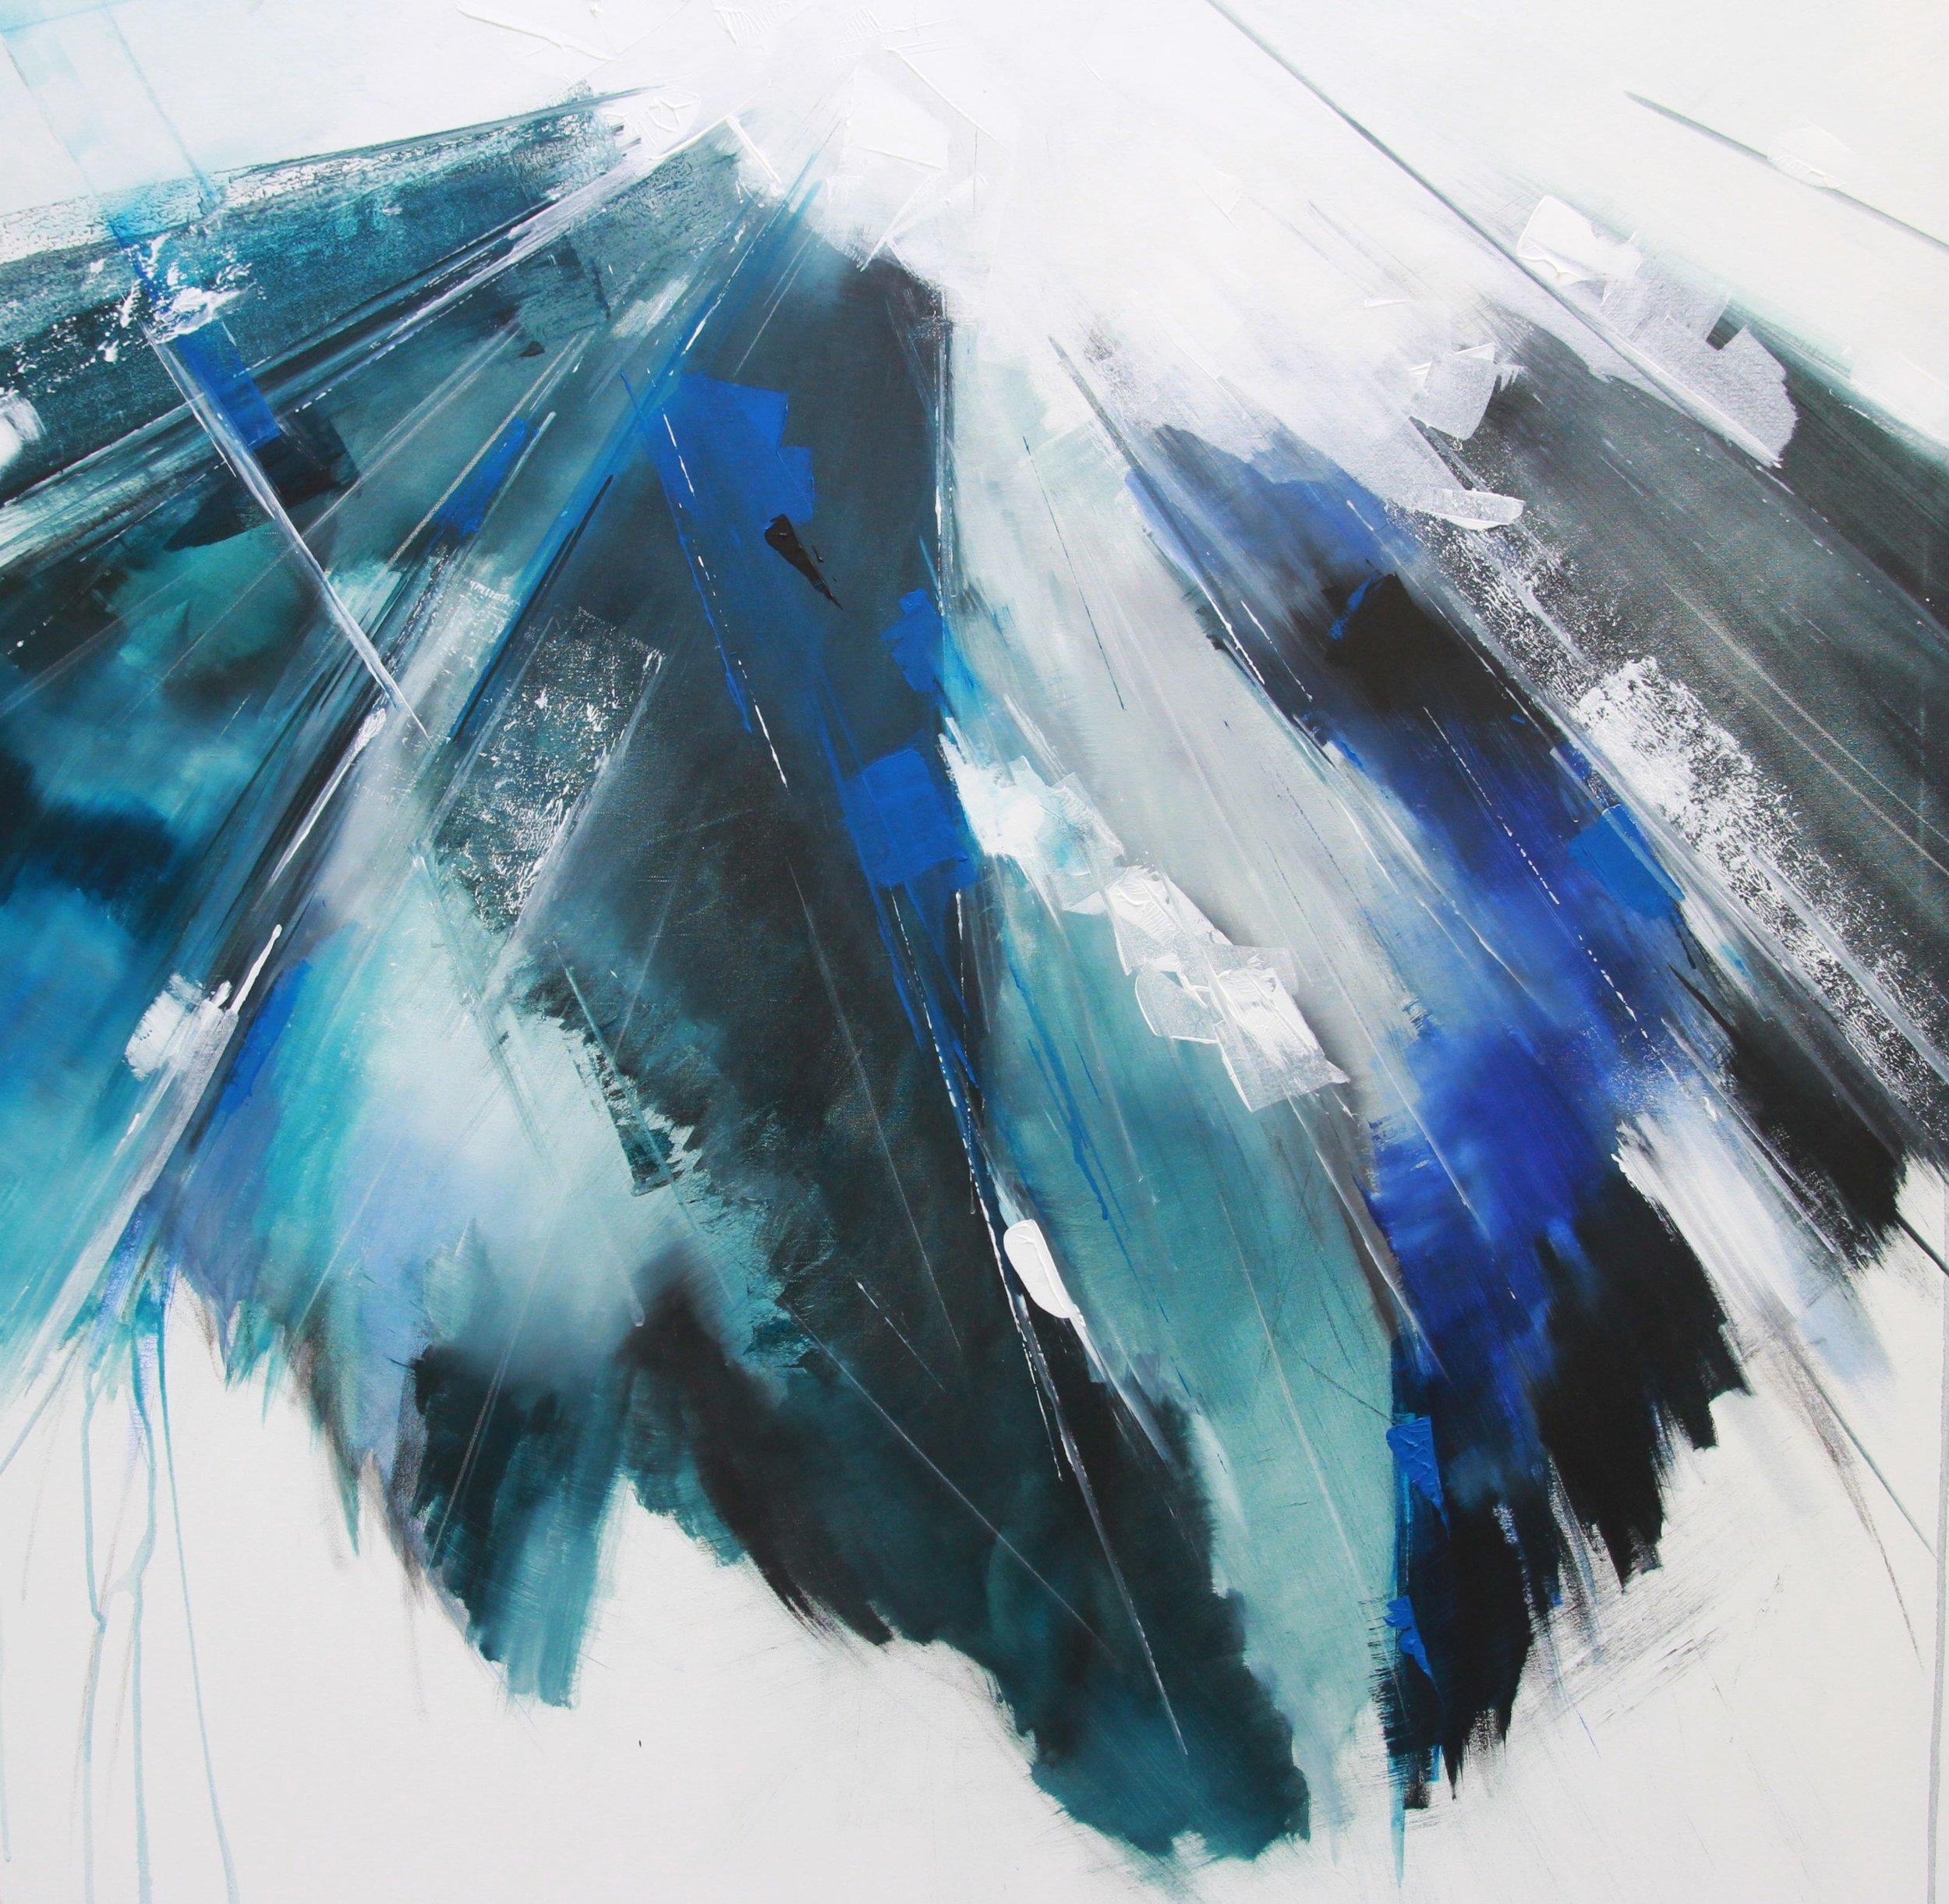 LauraBenetton_Sapho 100 x 100 cm acrylic on canvas.jpg